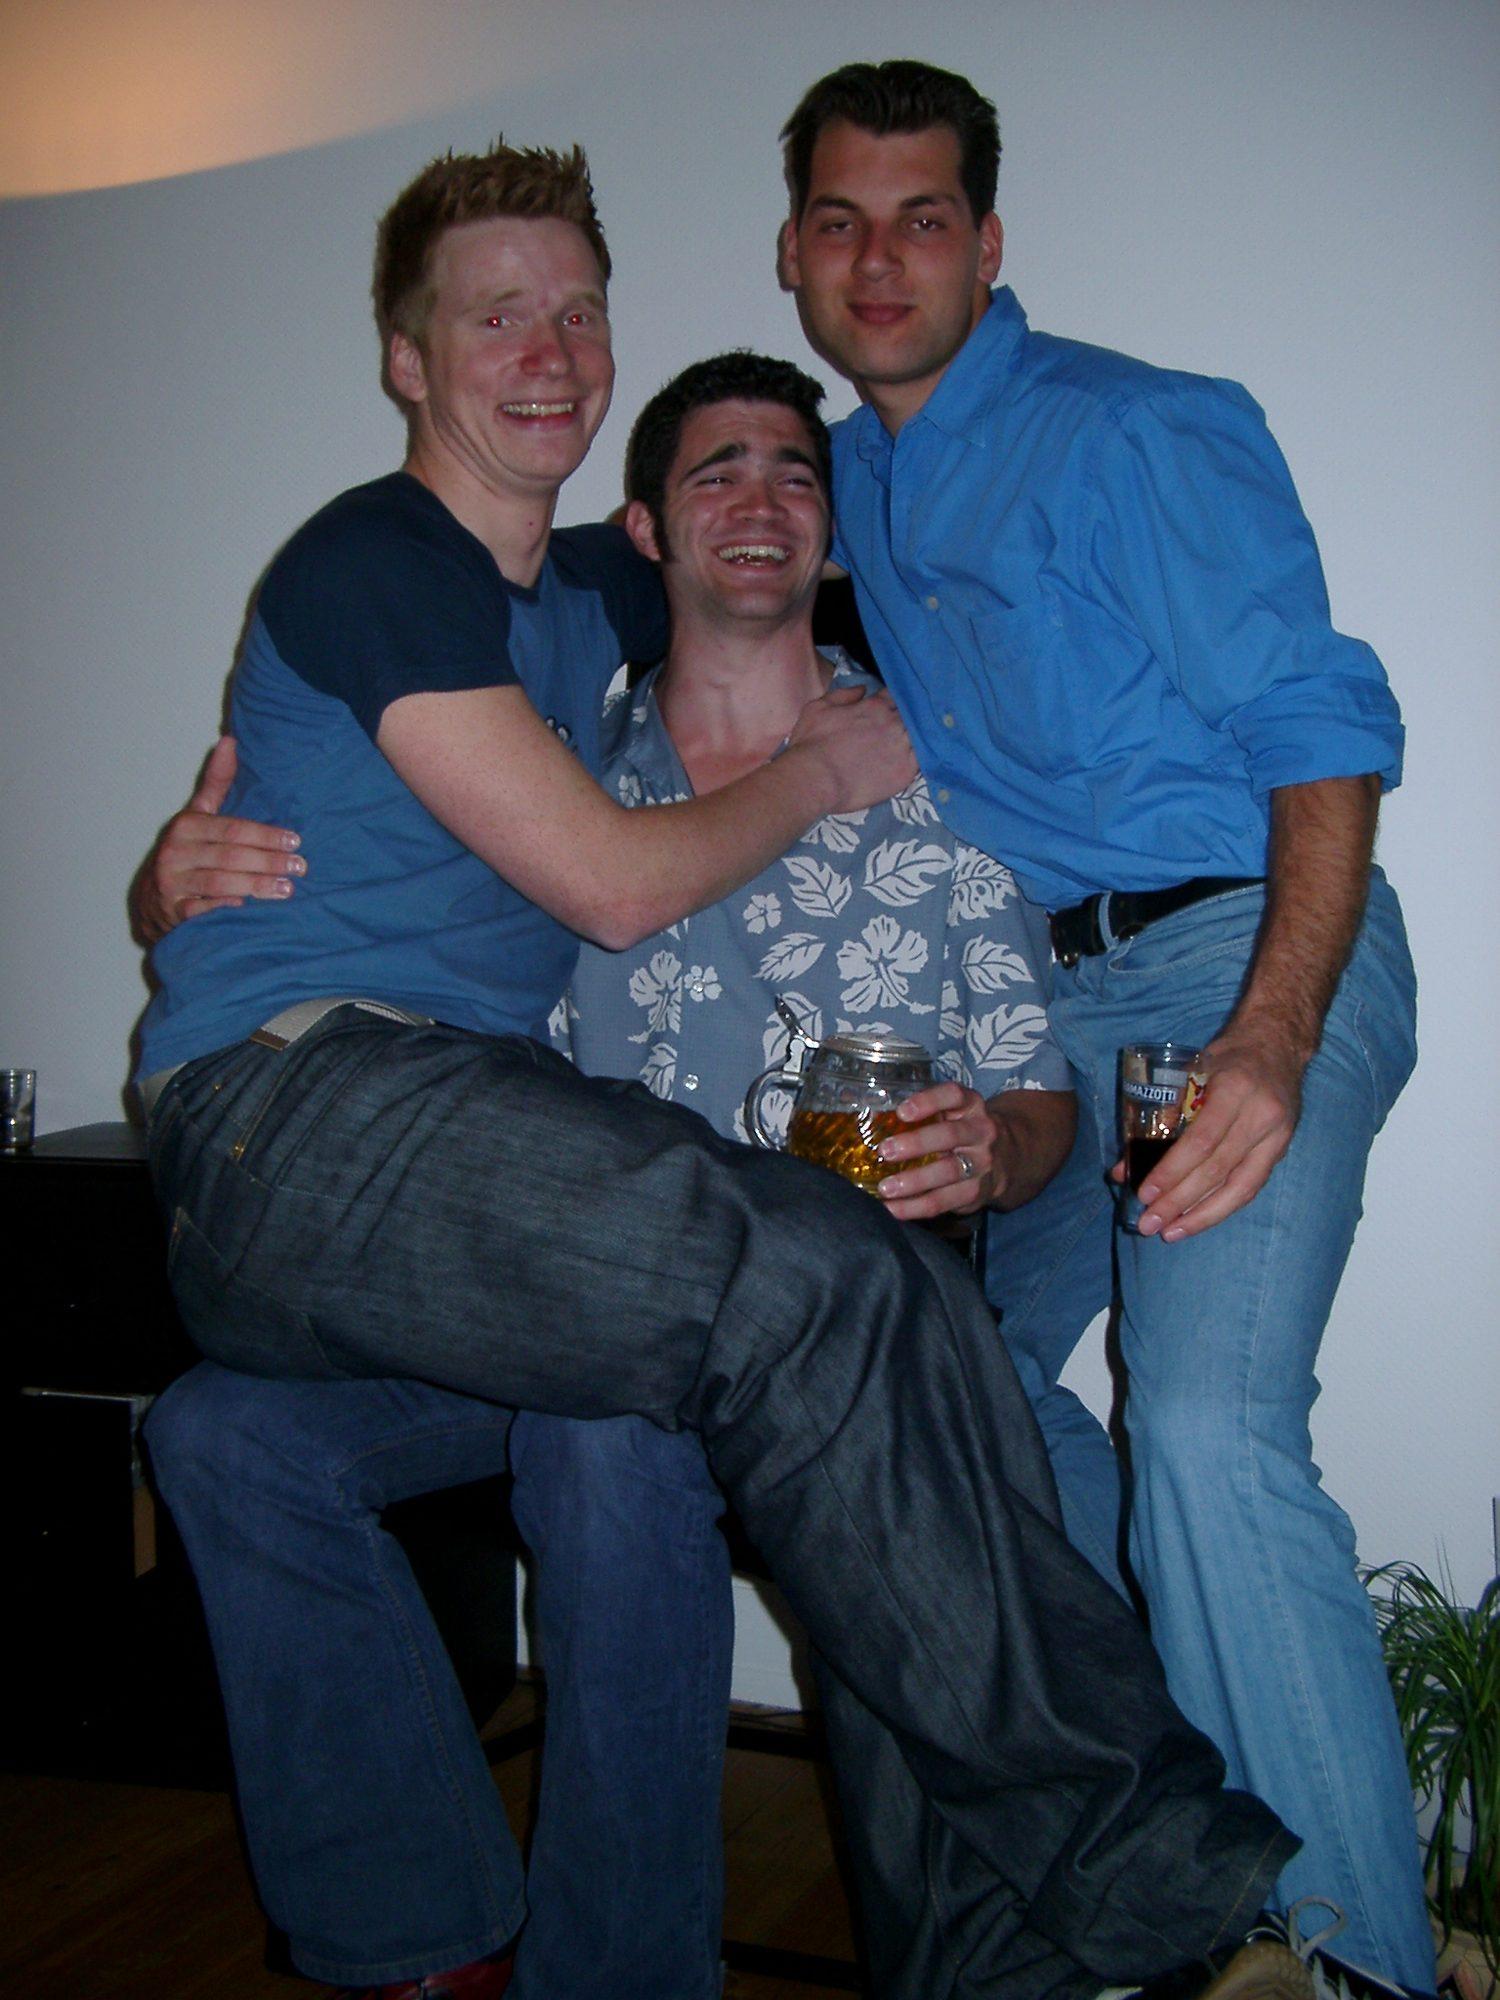 Auf dem Geburtstag von Ray. Roman, Thilo und Jan im Juni 2002.